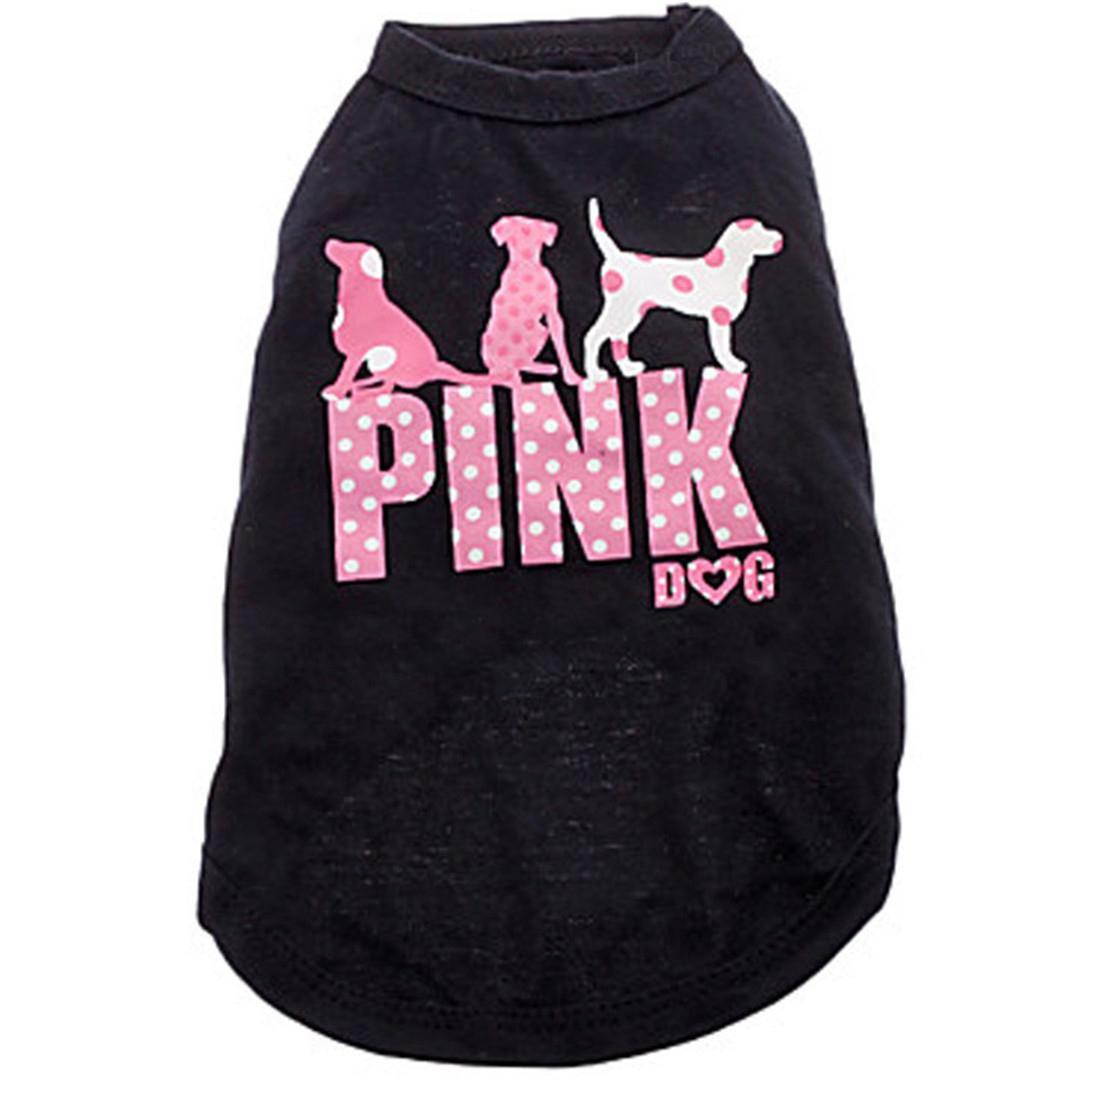 Nouveau chien rose chien vêtements mode chien mignon gilet Pet chandail chiot chemise doux manteau veste été chien chat vêtements